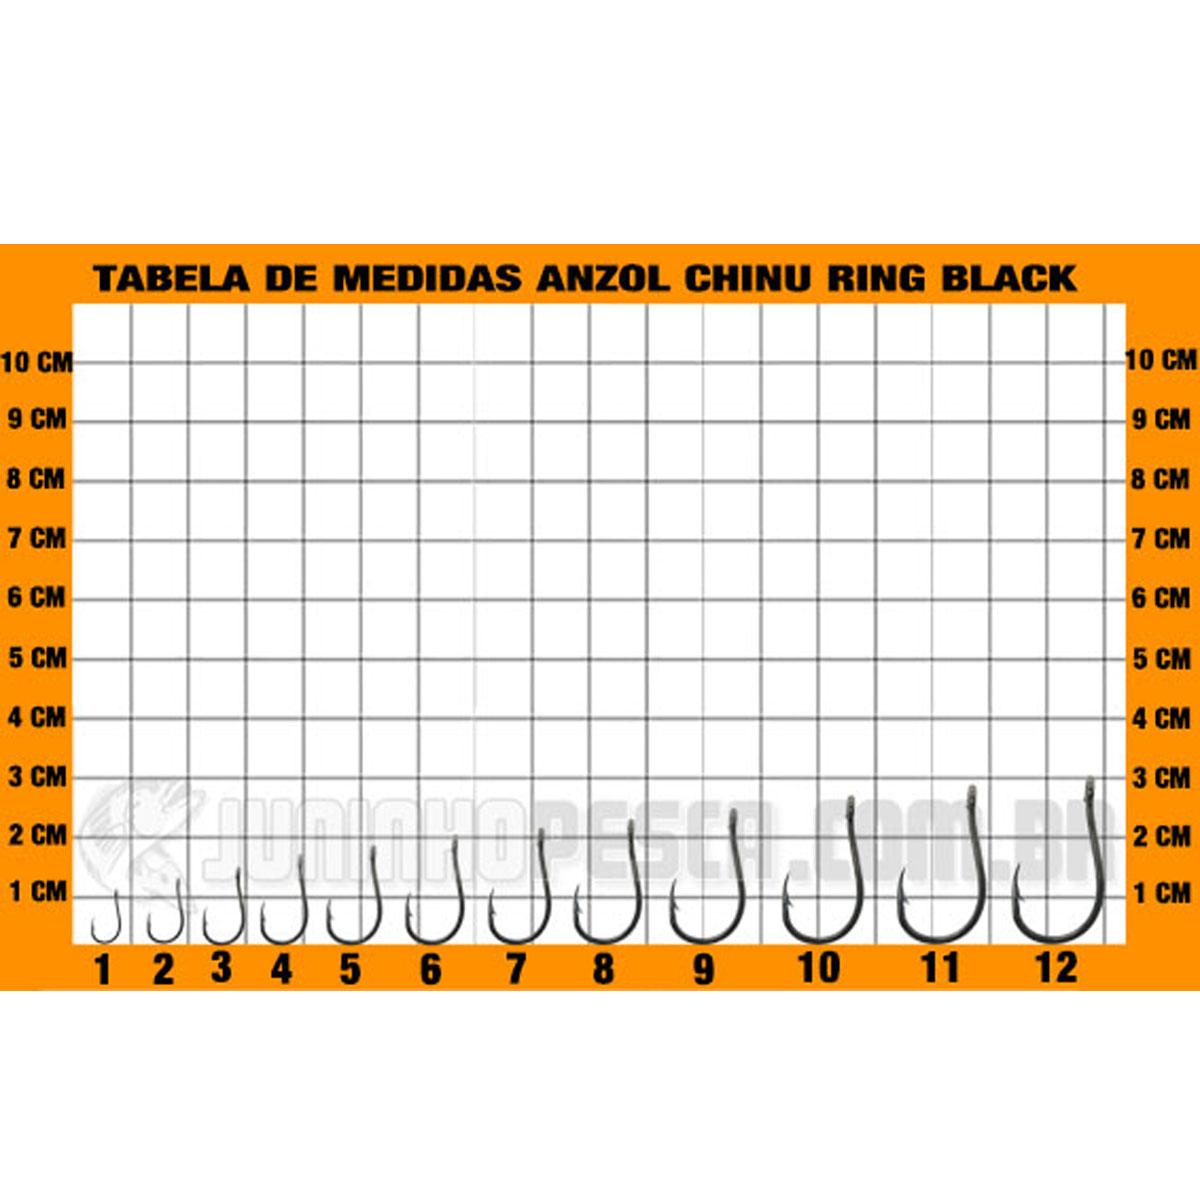 Anzol Pinnacle Chinu Ring Black nº 11  - Pró Pesca Shop